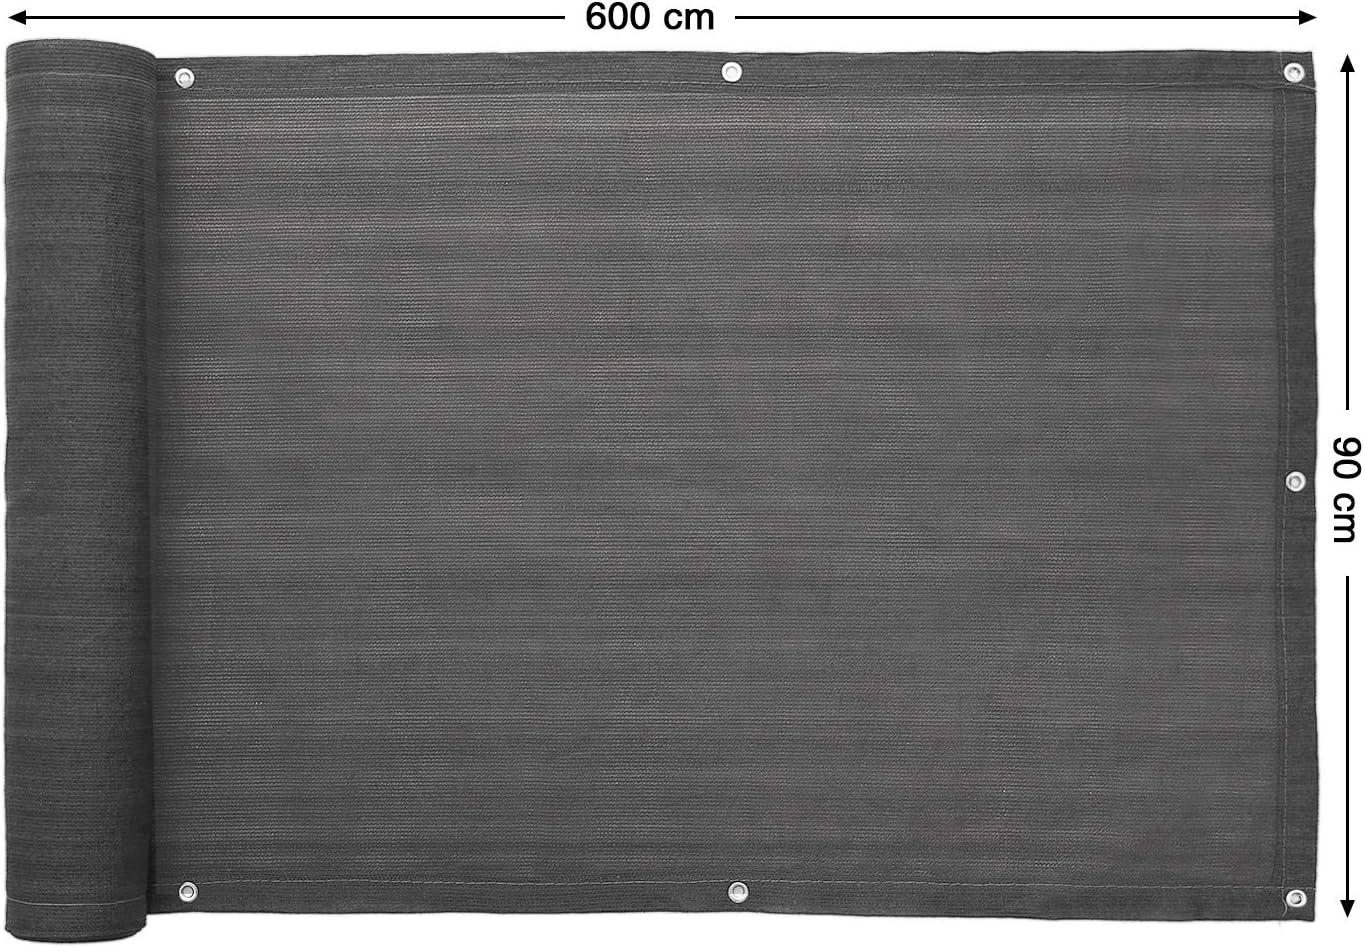 Paravista Canniccio Della Privacy in HDPE Senza Viti Grigio Paravista Permeabile per Balcone SONGMICS Frangivista per Recinzione di Giardino Fascette Autobloccanti Incluse GBC75GY